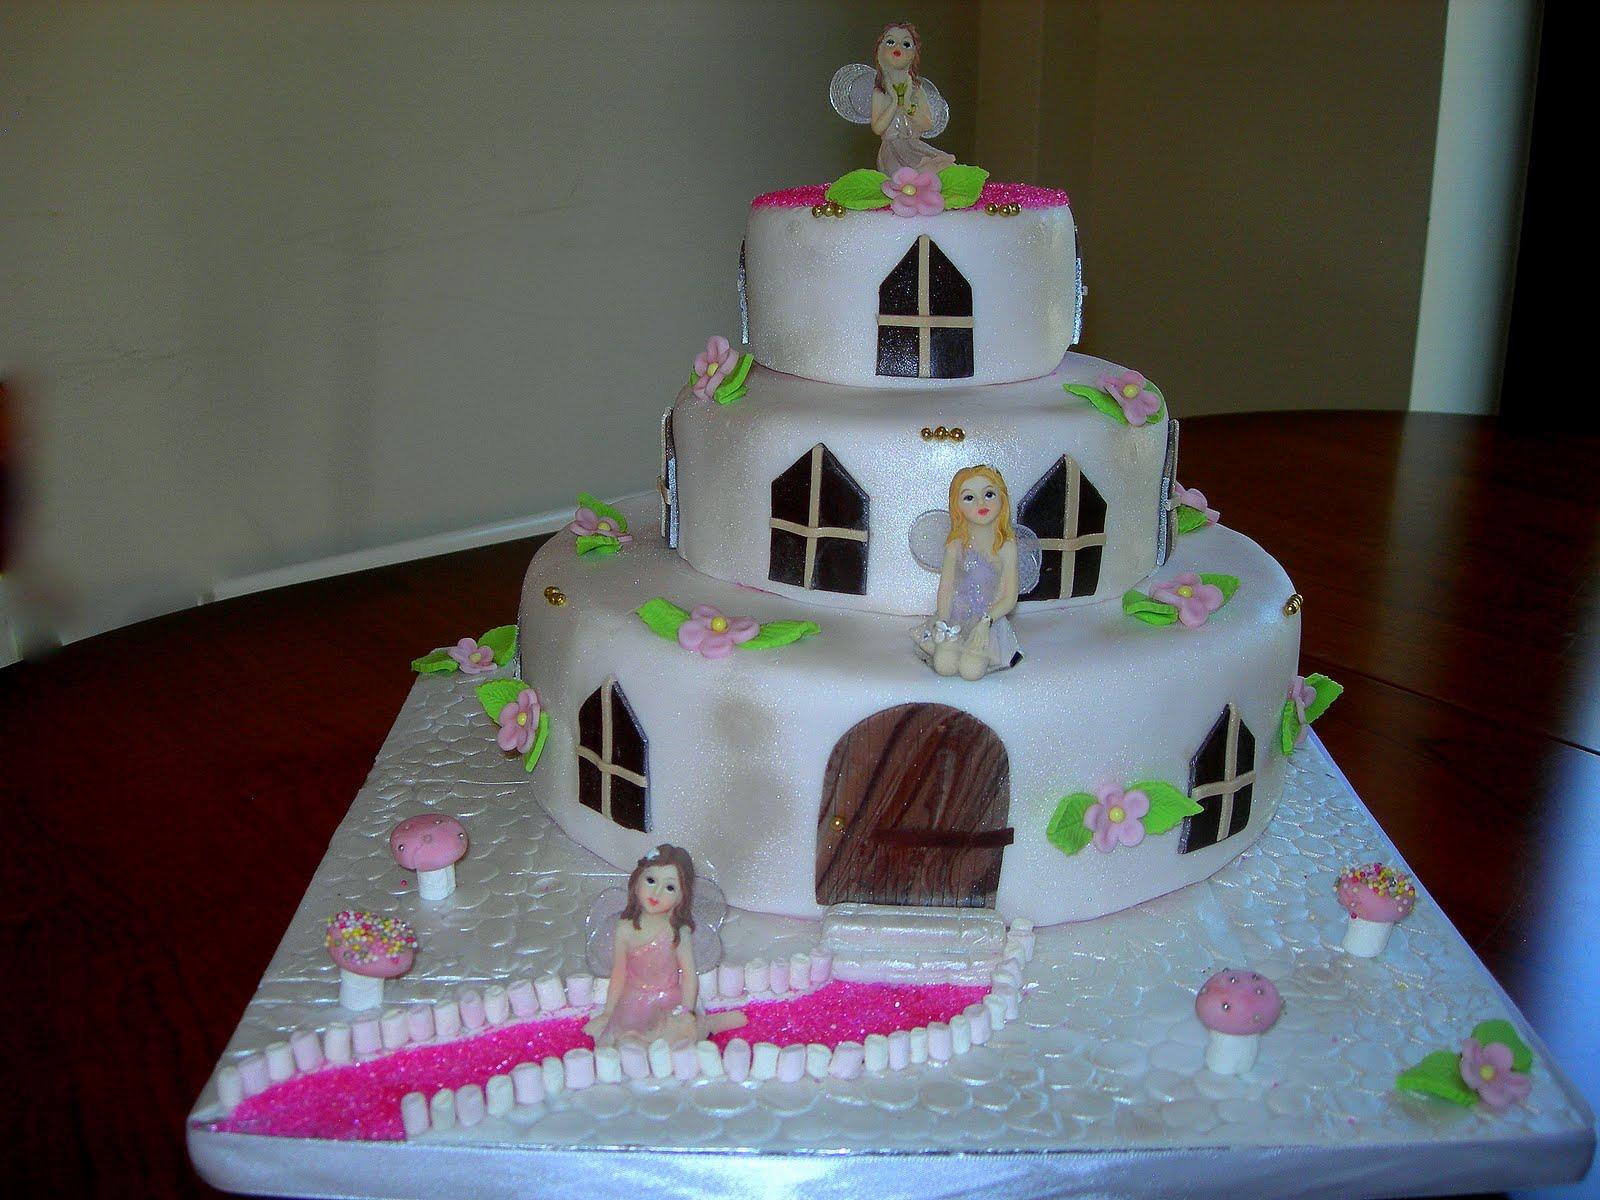 Cake Design Home : Custom Cake Design: The Fairy House